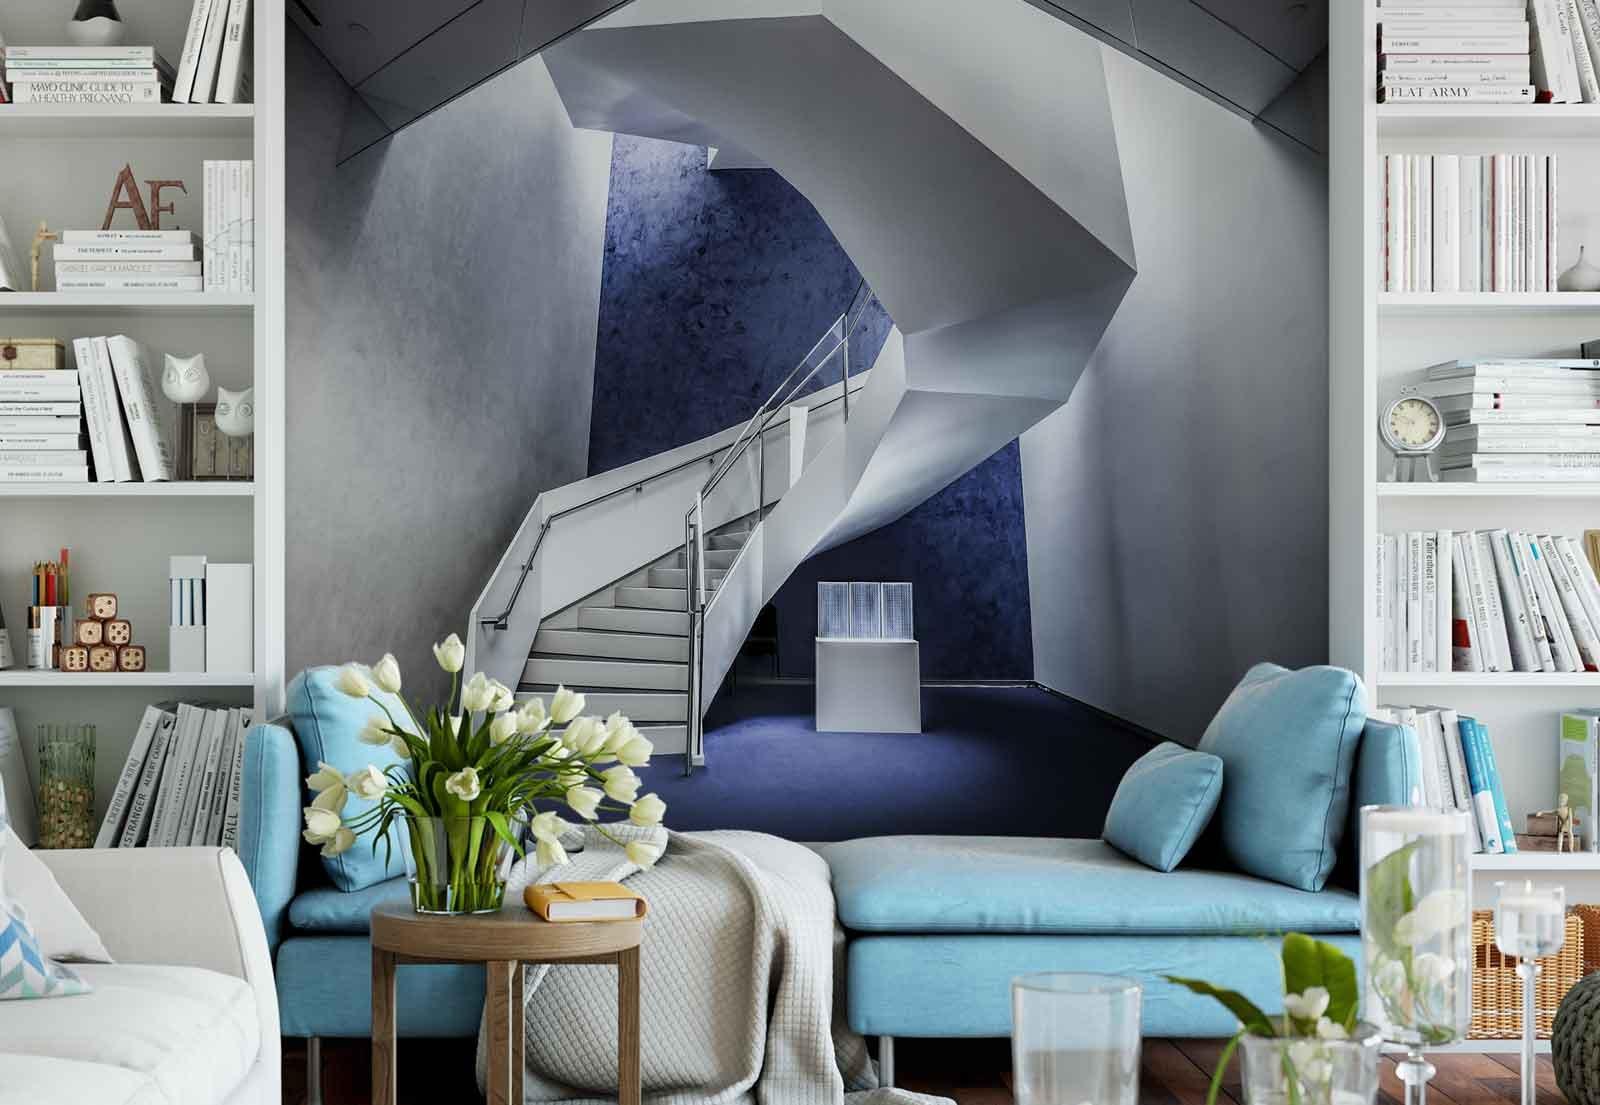 Papel Tapiz Fotomural - Habitación Escalera De Caracol - Tema Arquitectura - XXL - 416cm x 290cm (an. x alto) - 4 Tiras - impreso en papel 130g/m2 EasyInstall - 1X-1173545VEXXXXL: Amazon.es: Bricolaje y herramientas